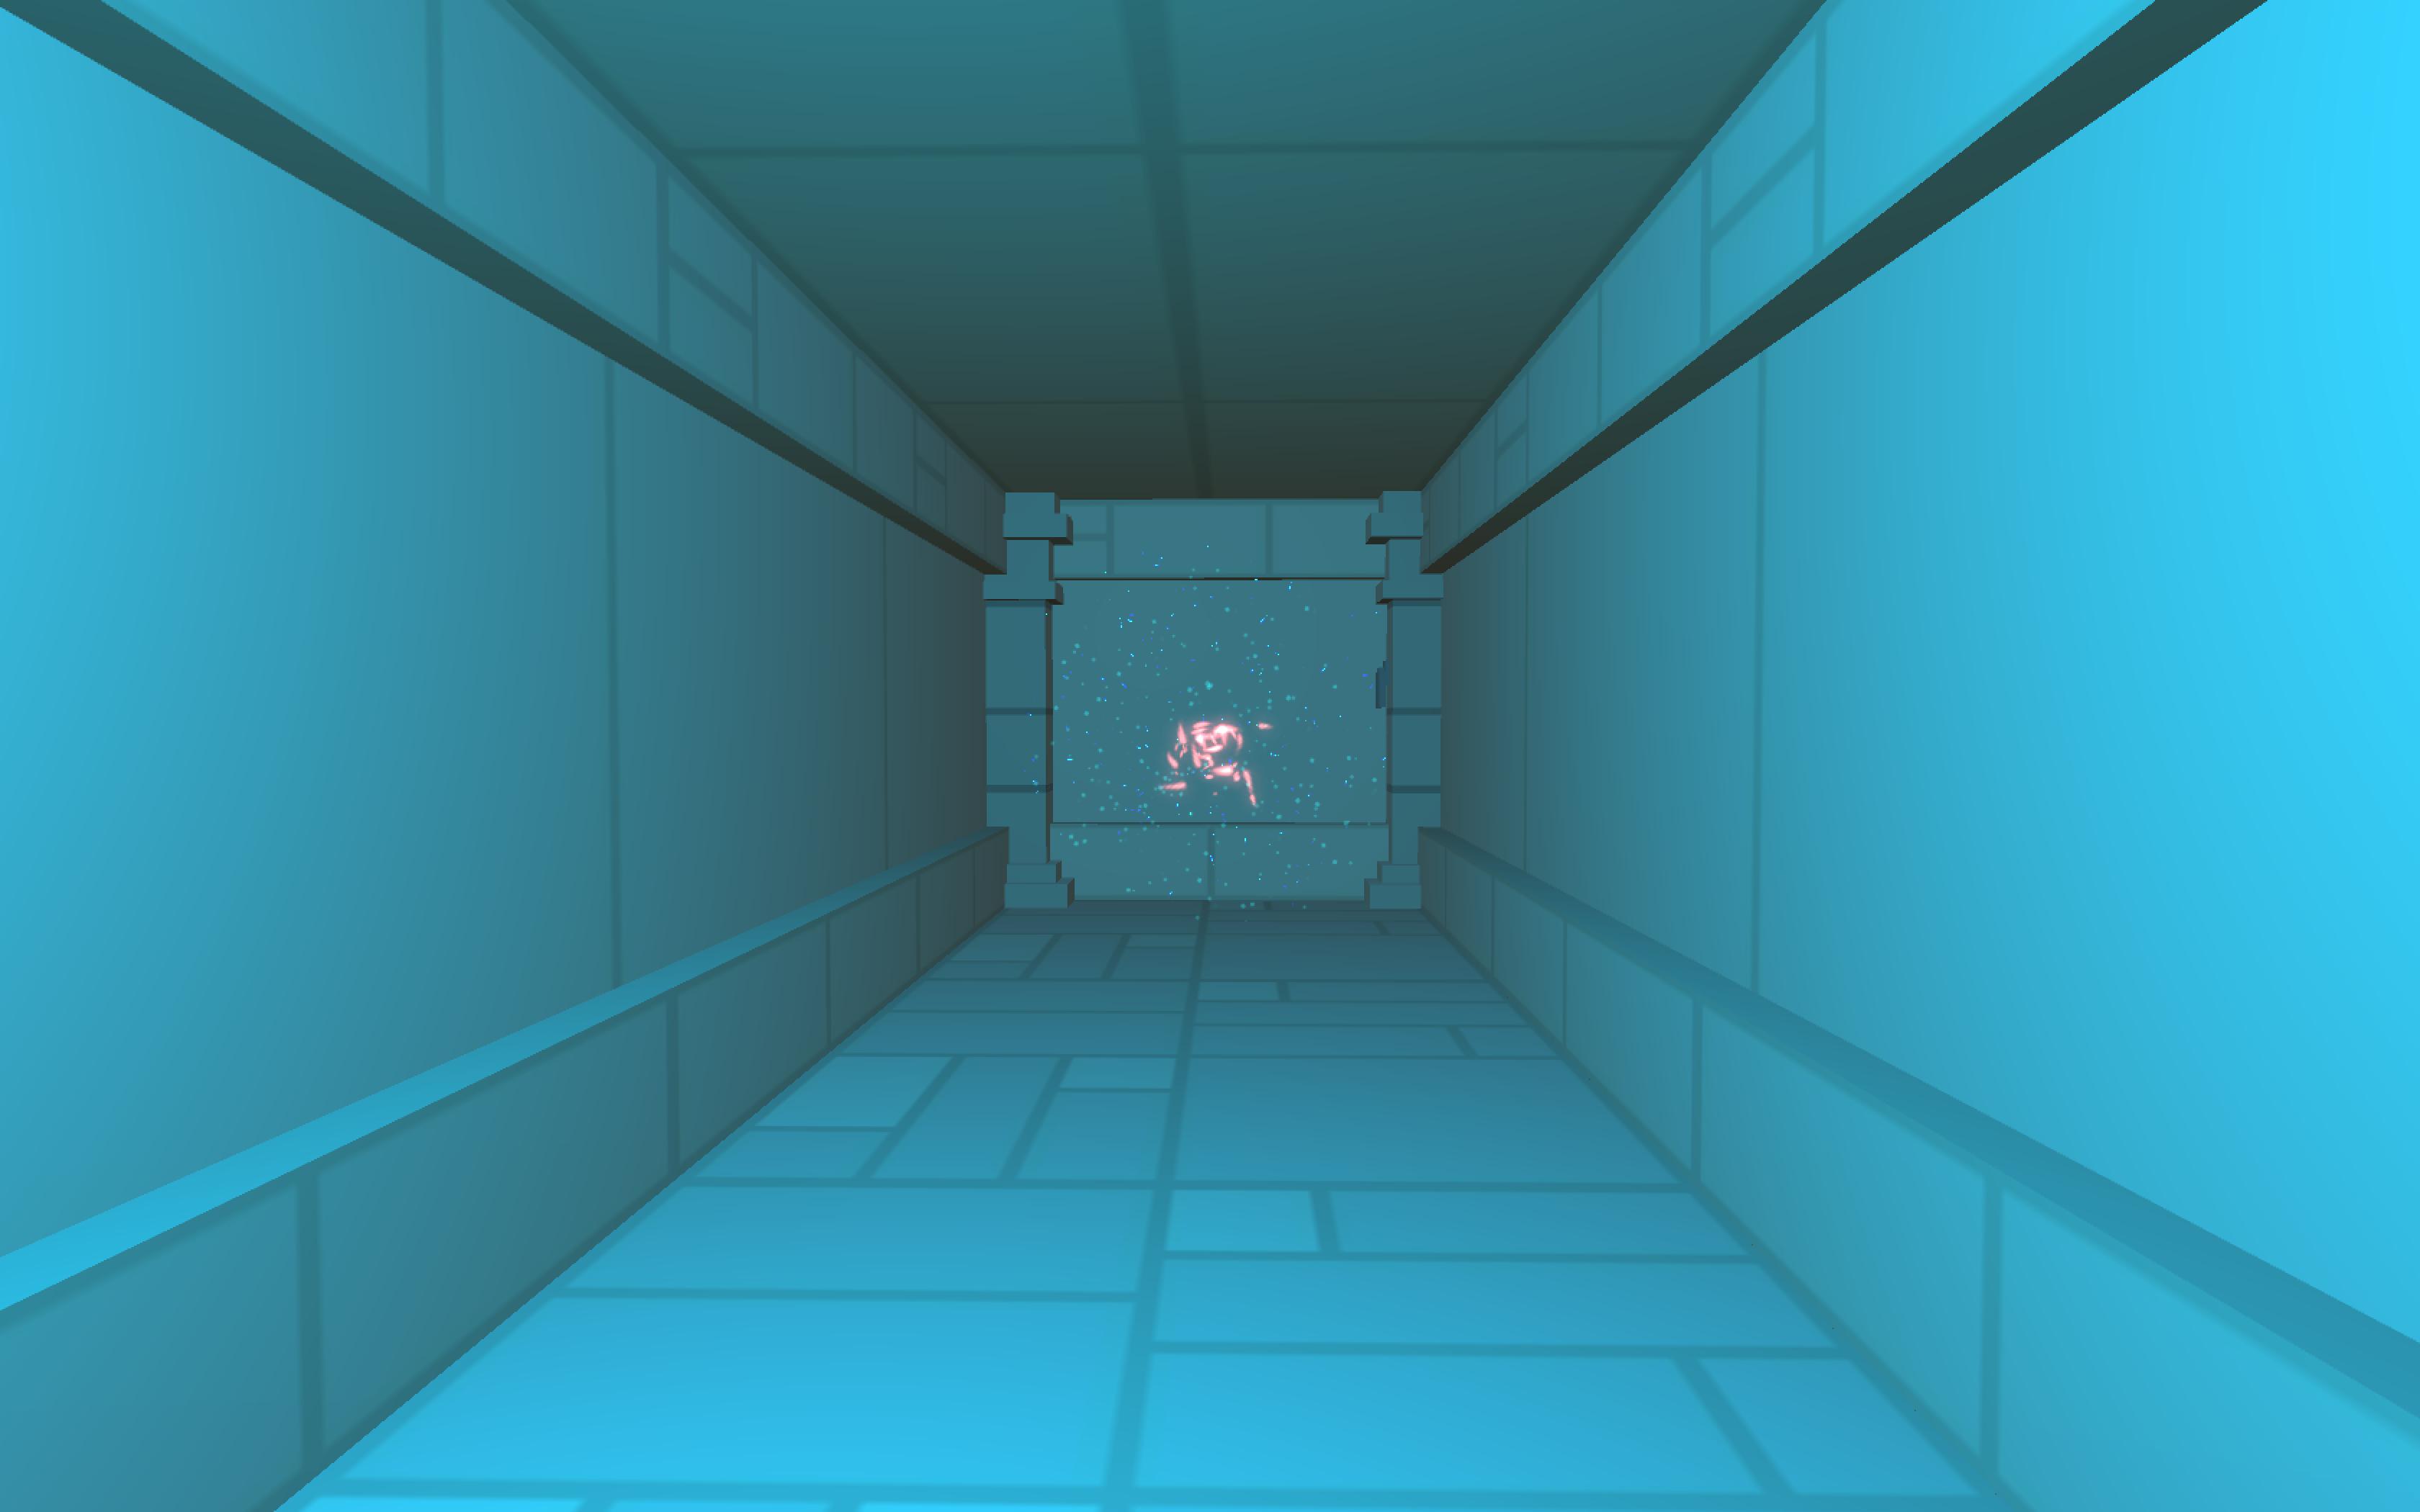 Level 2 Image 4